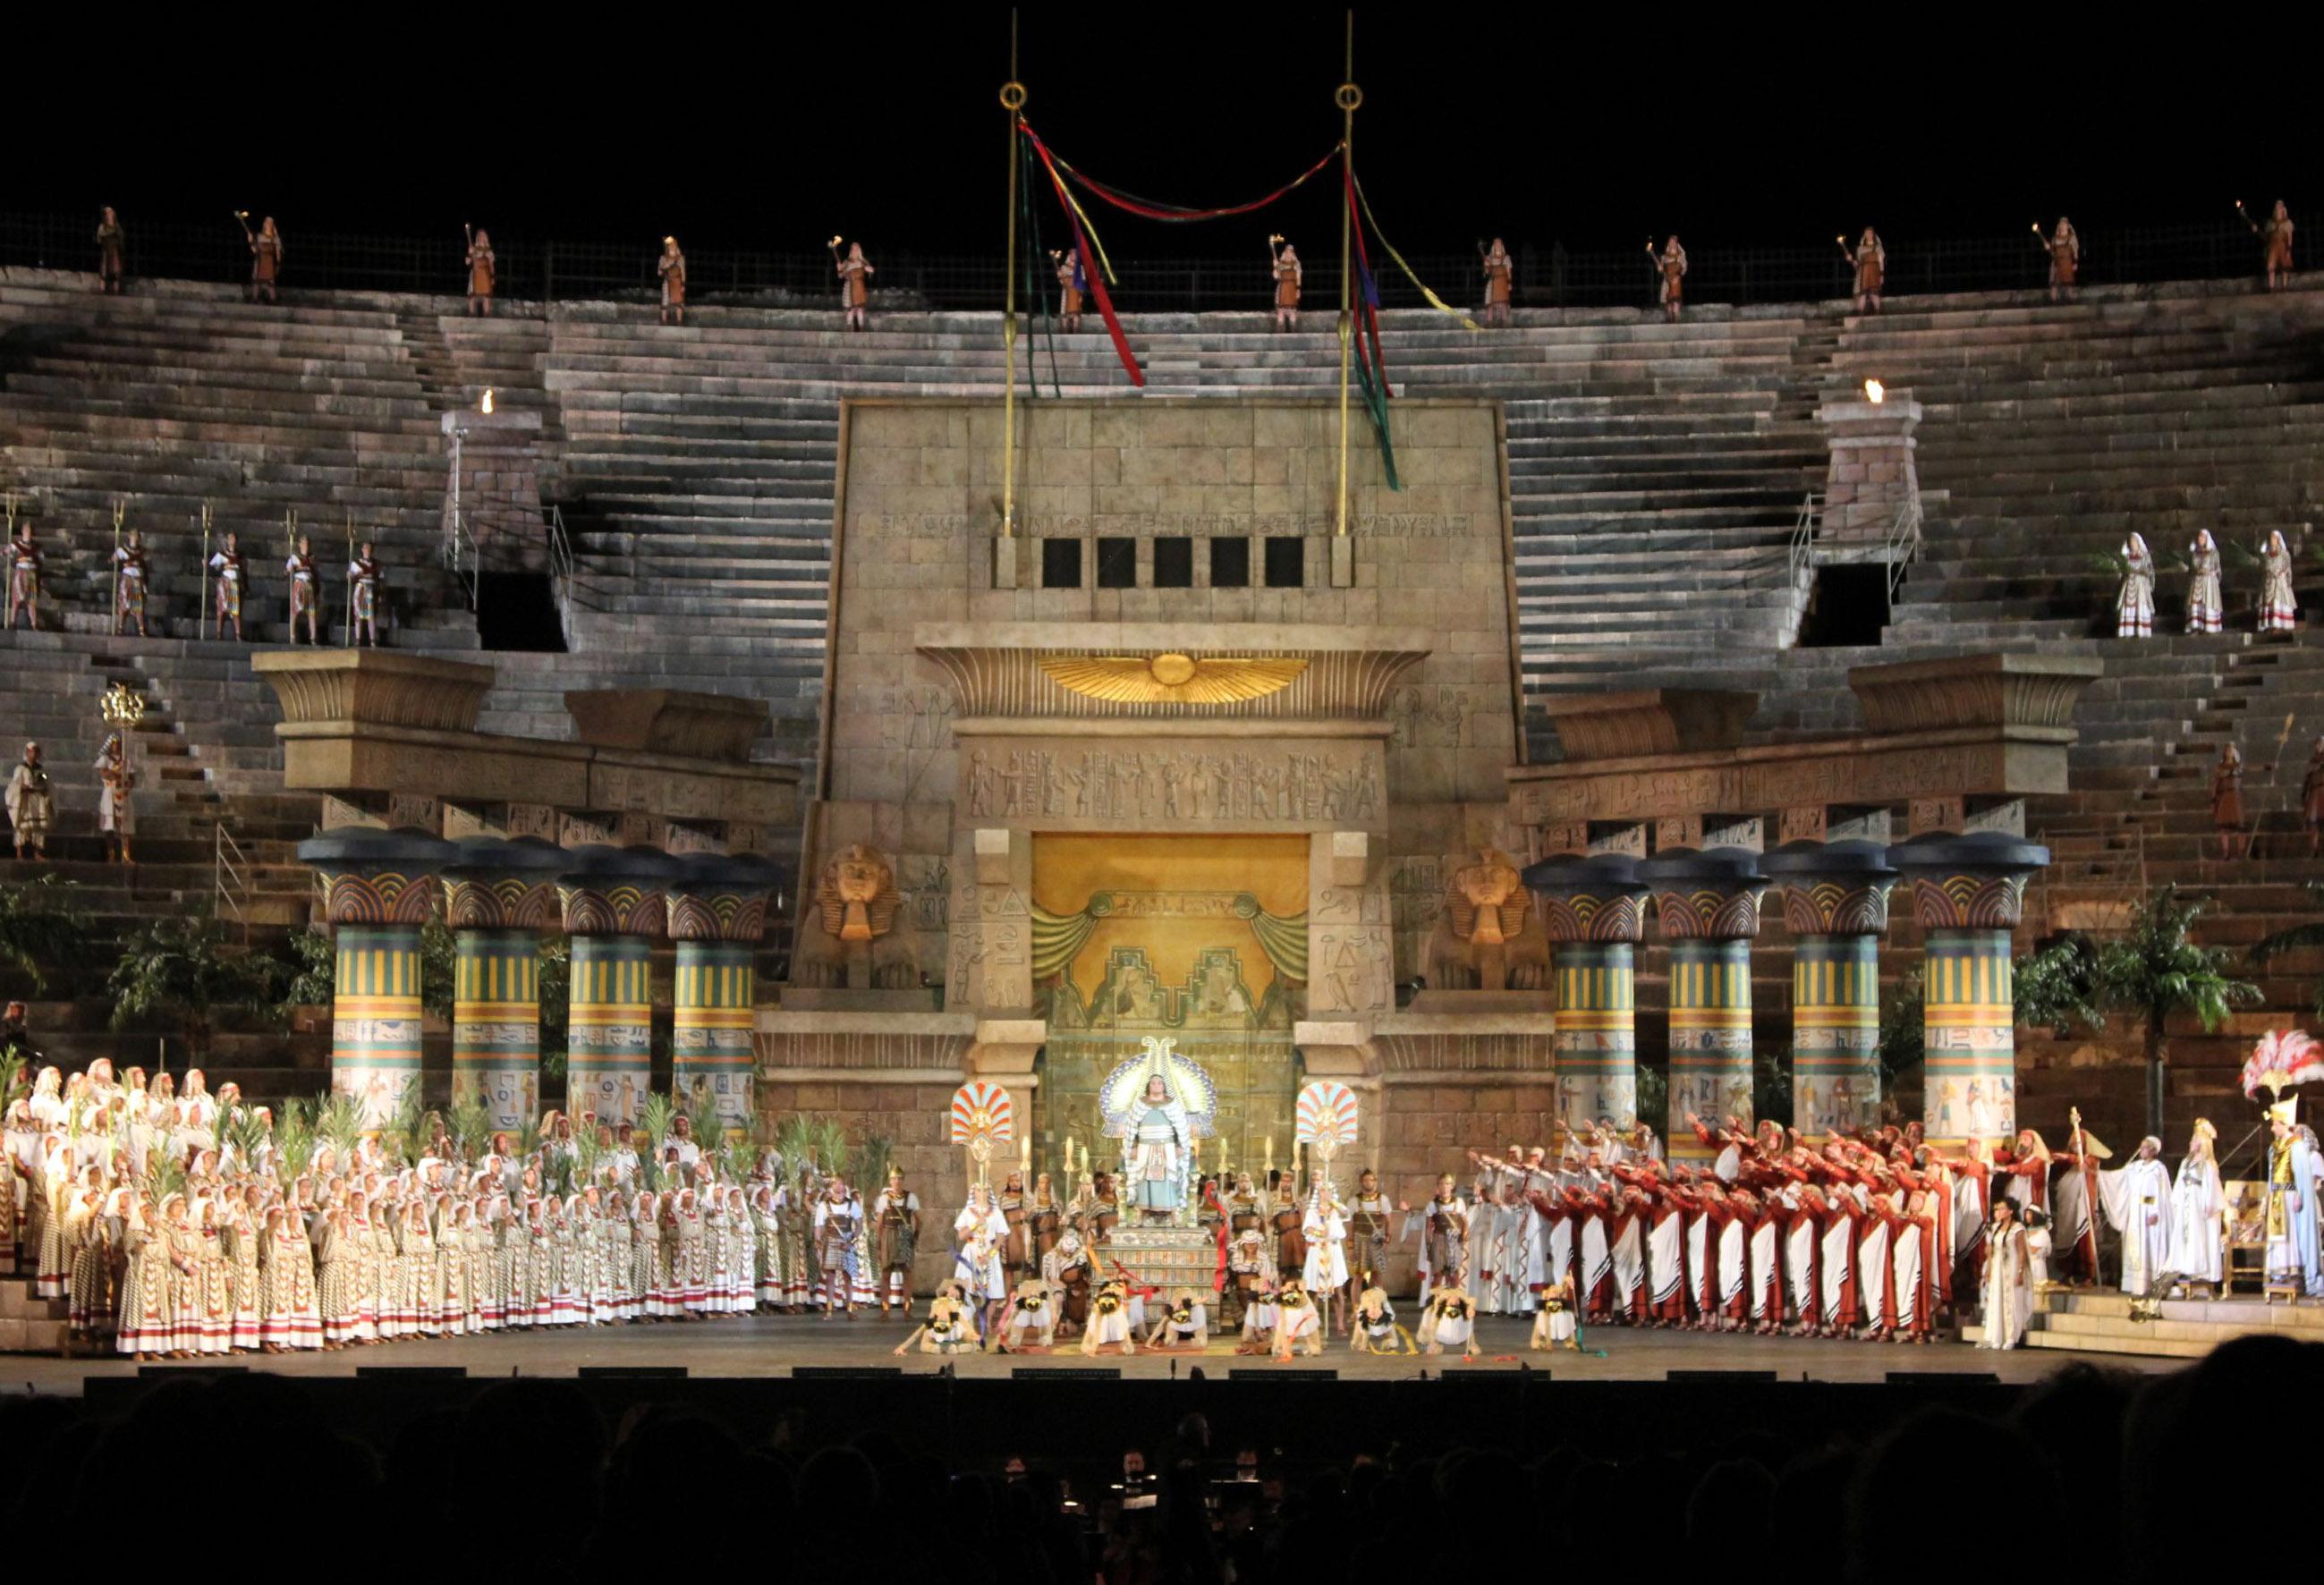 14969100202012-Aida-atto-II-23-06-dl-foto-Ennevi-419.jpg